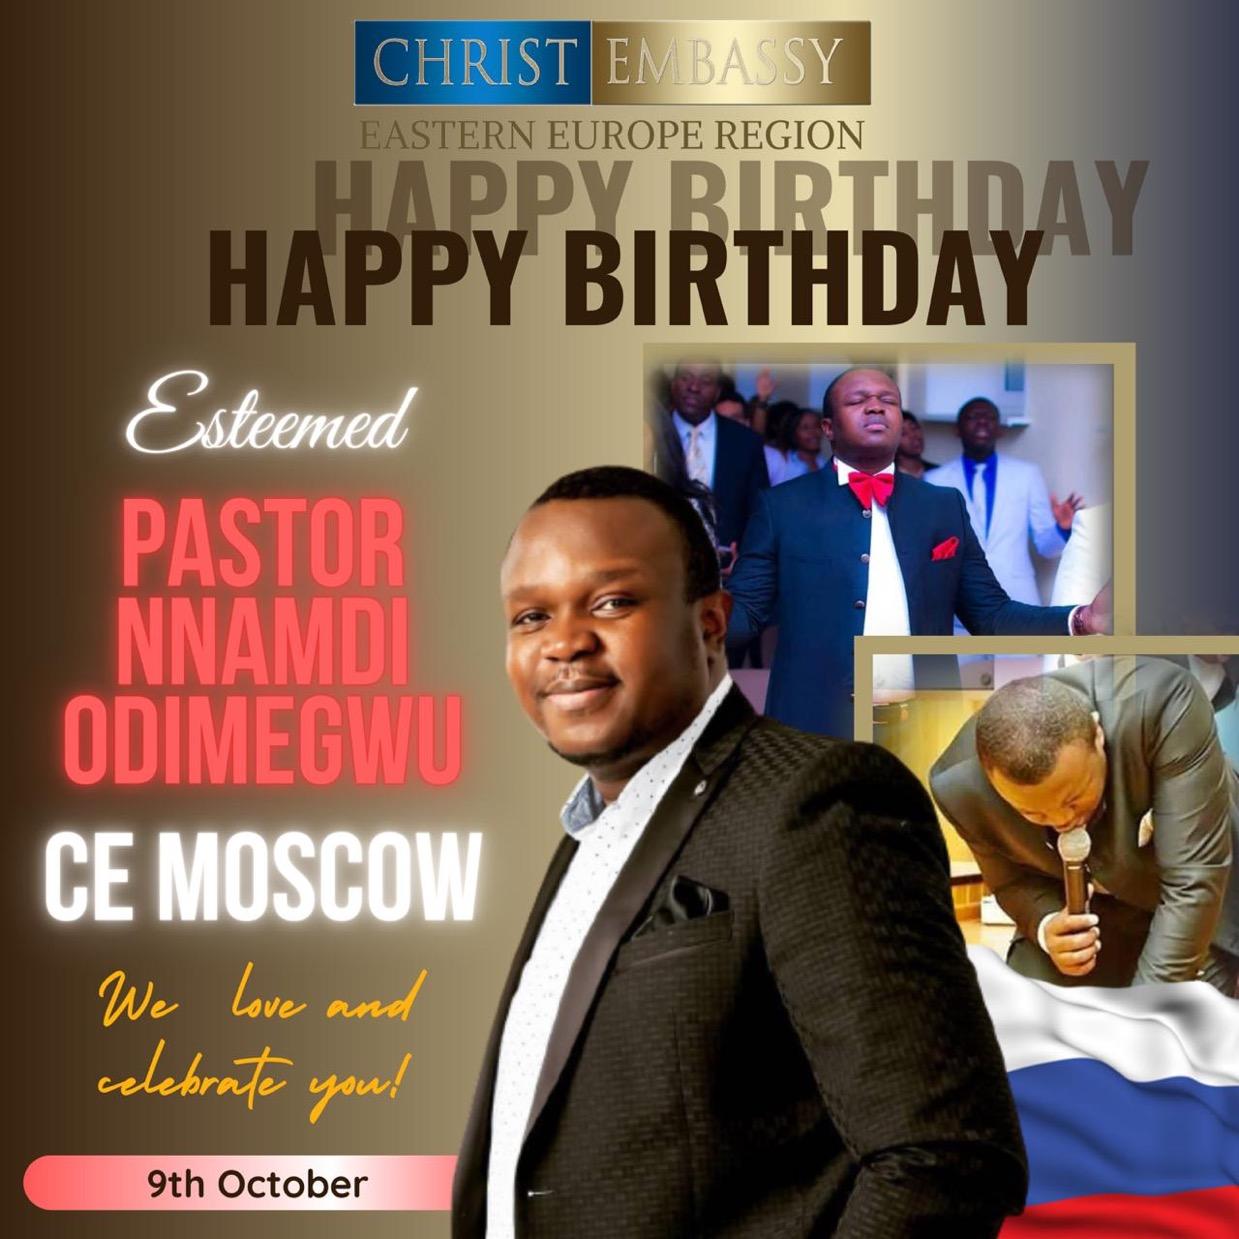 Happy perfect birthday esteemed Pastor